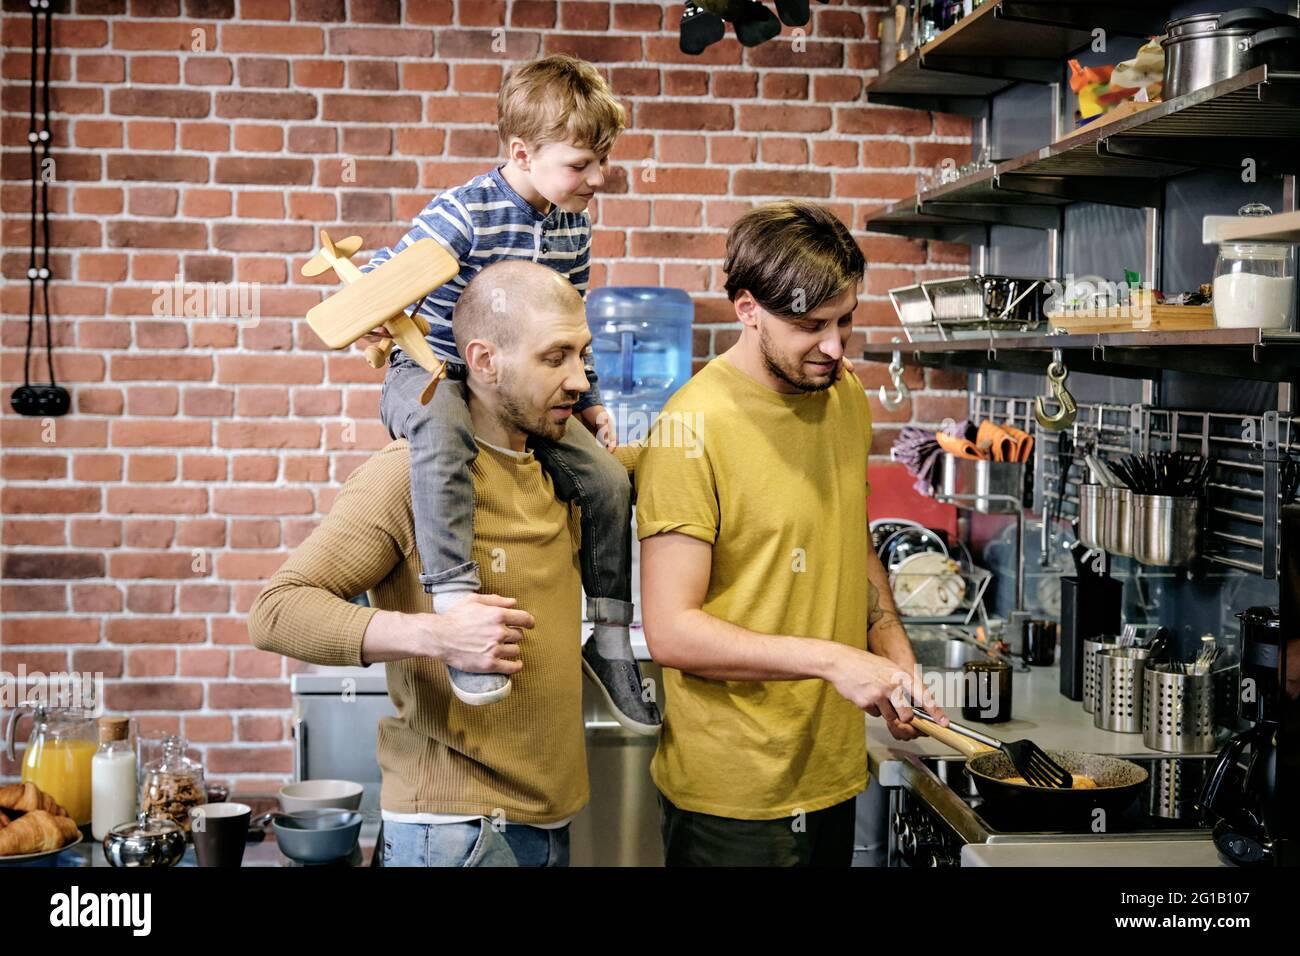 Dos hombres gays felices y un niño pequeño cocinando en el ambiente de la cocina Foto de stock